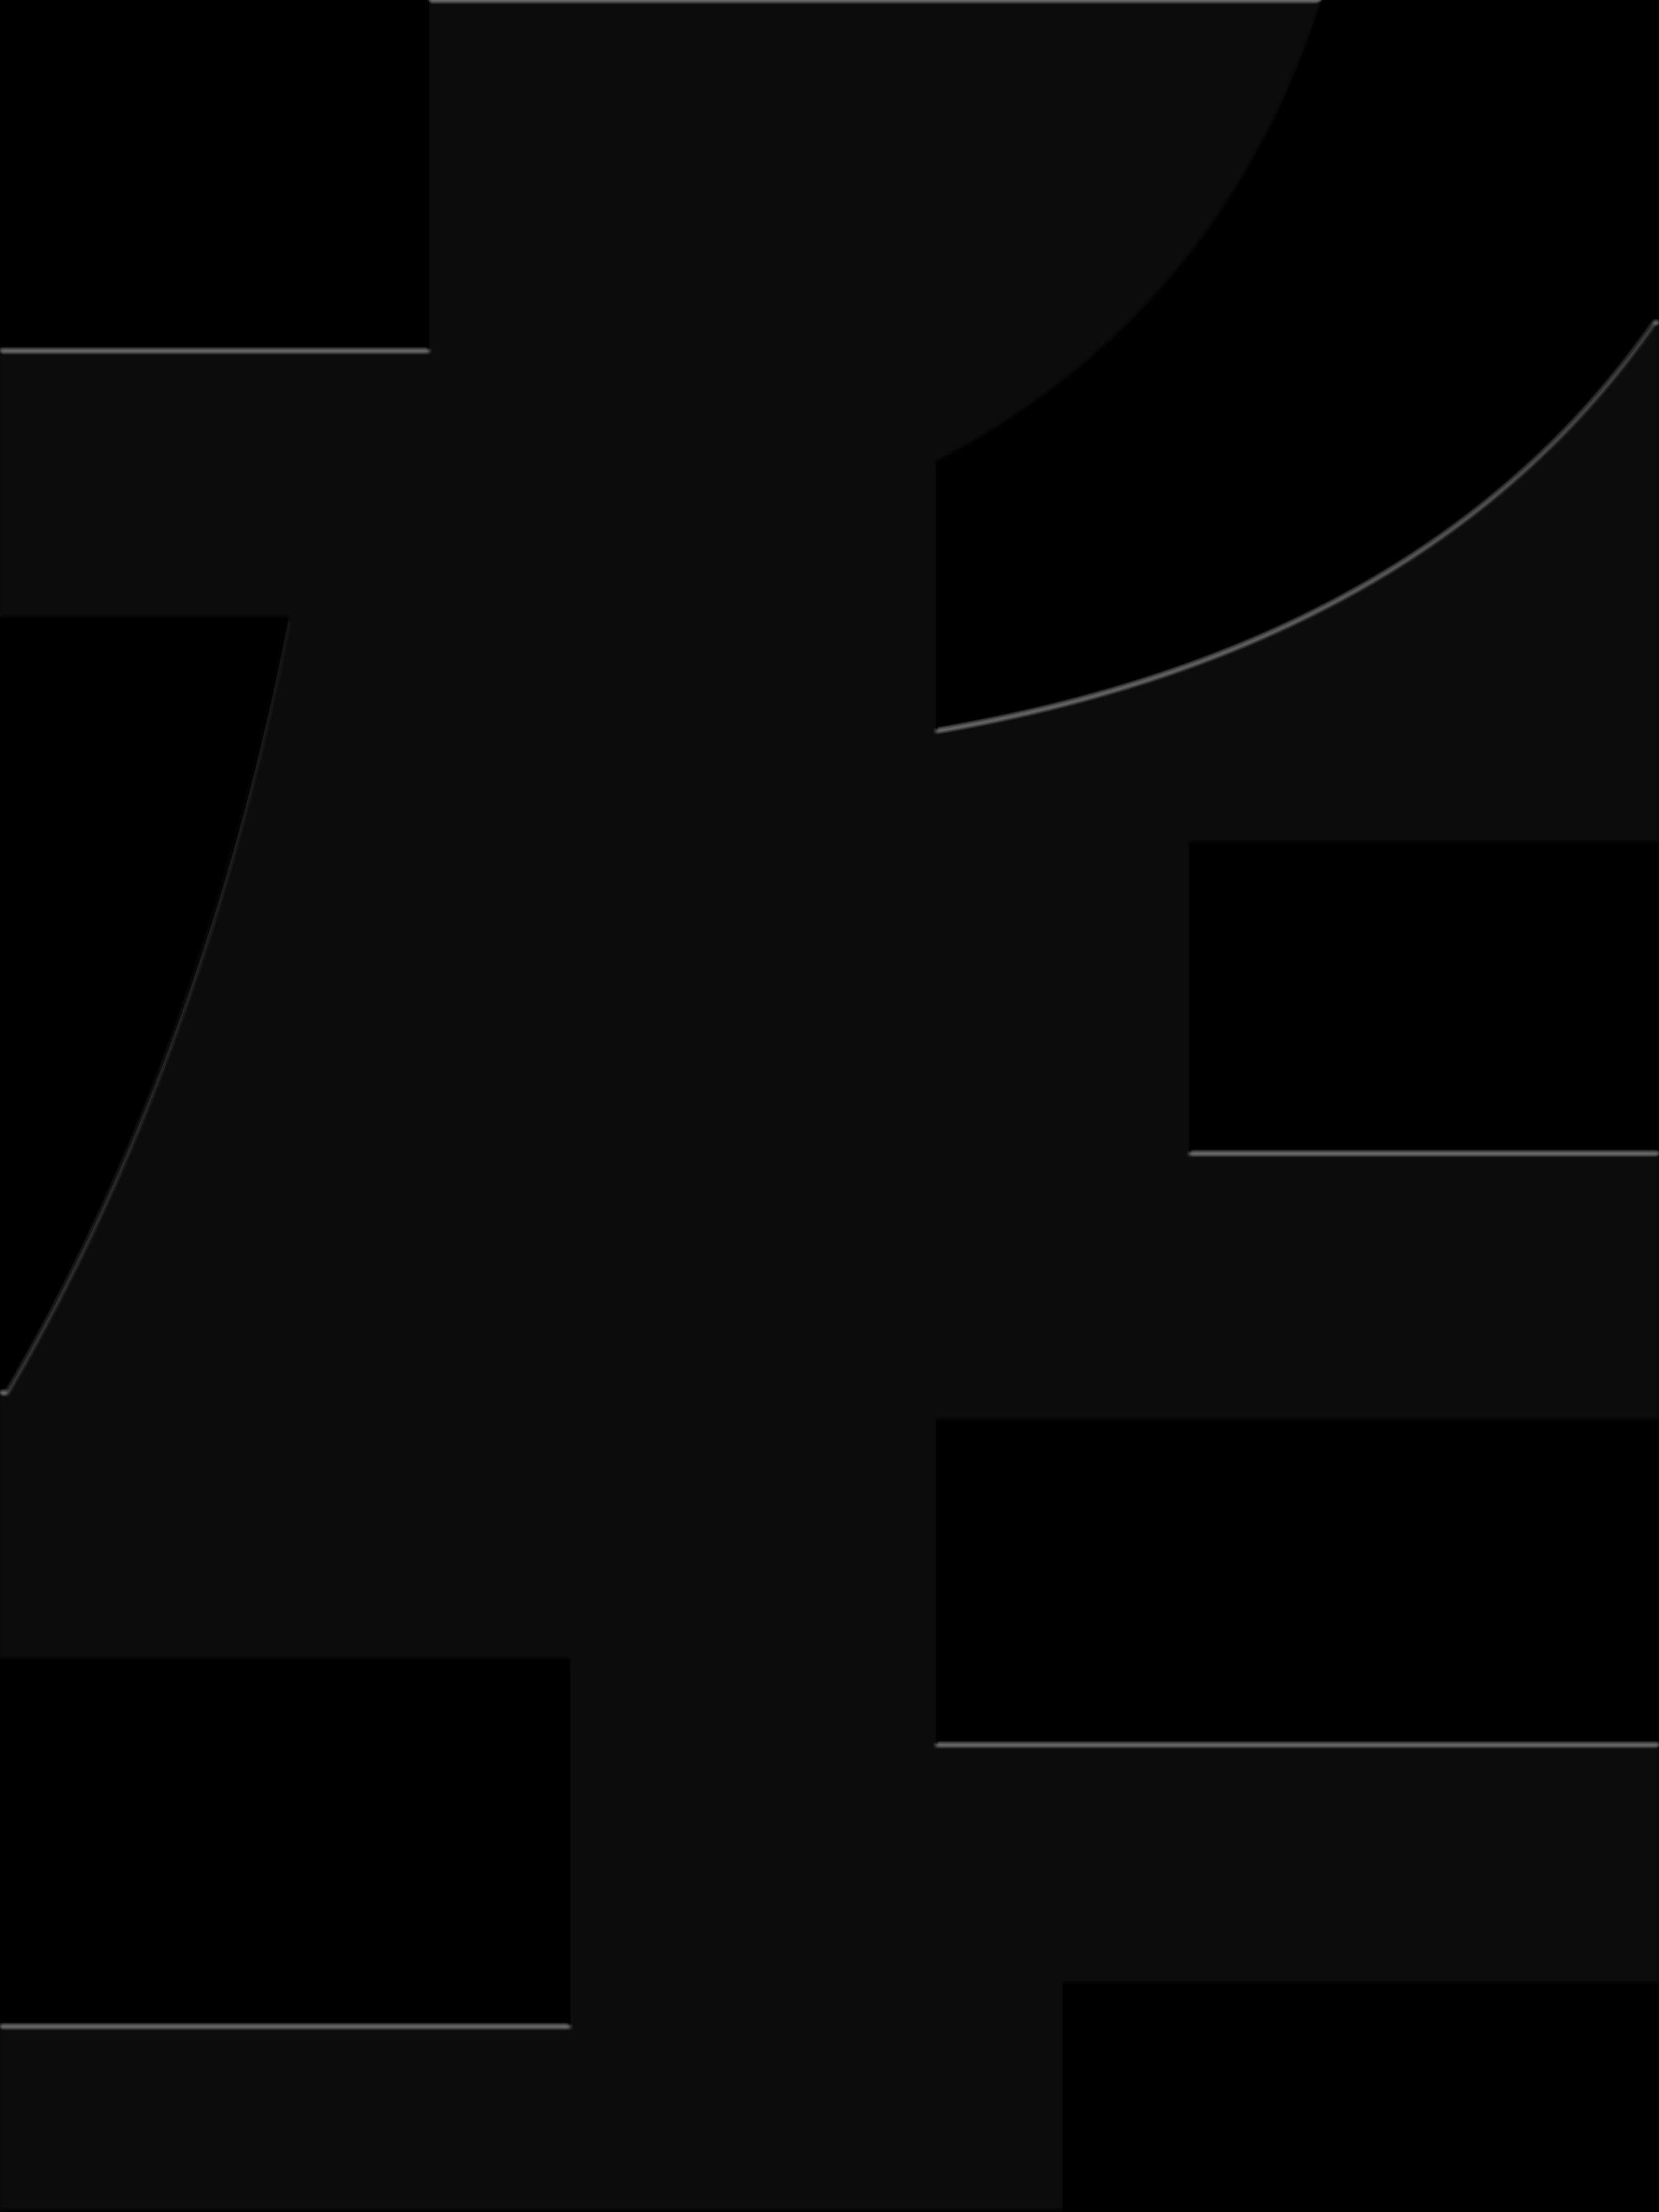 Gap-2.jpg